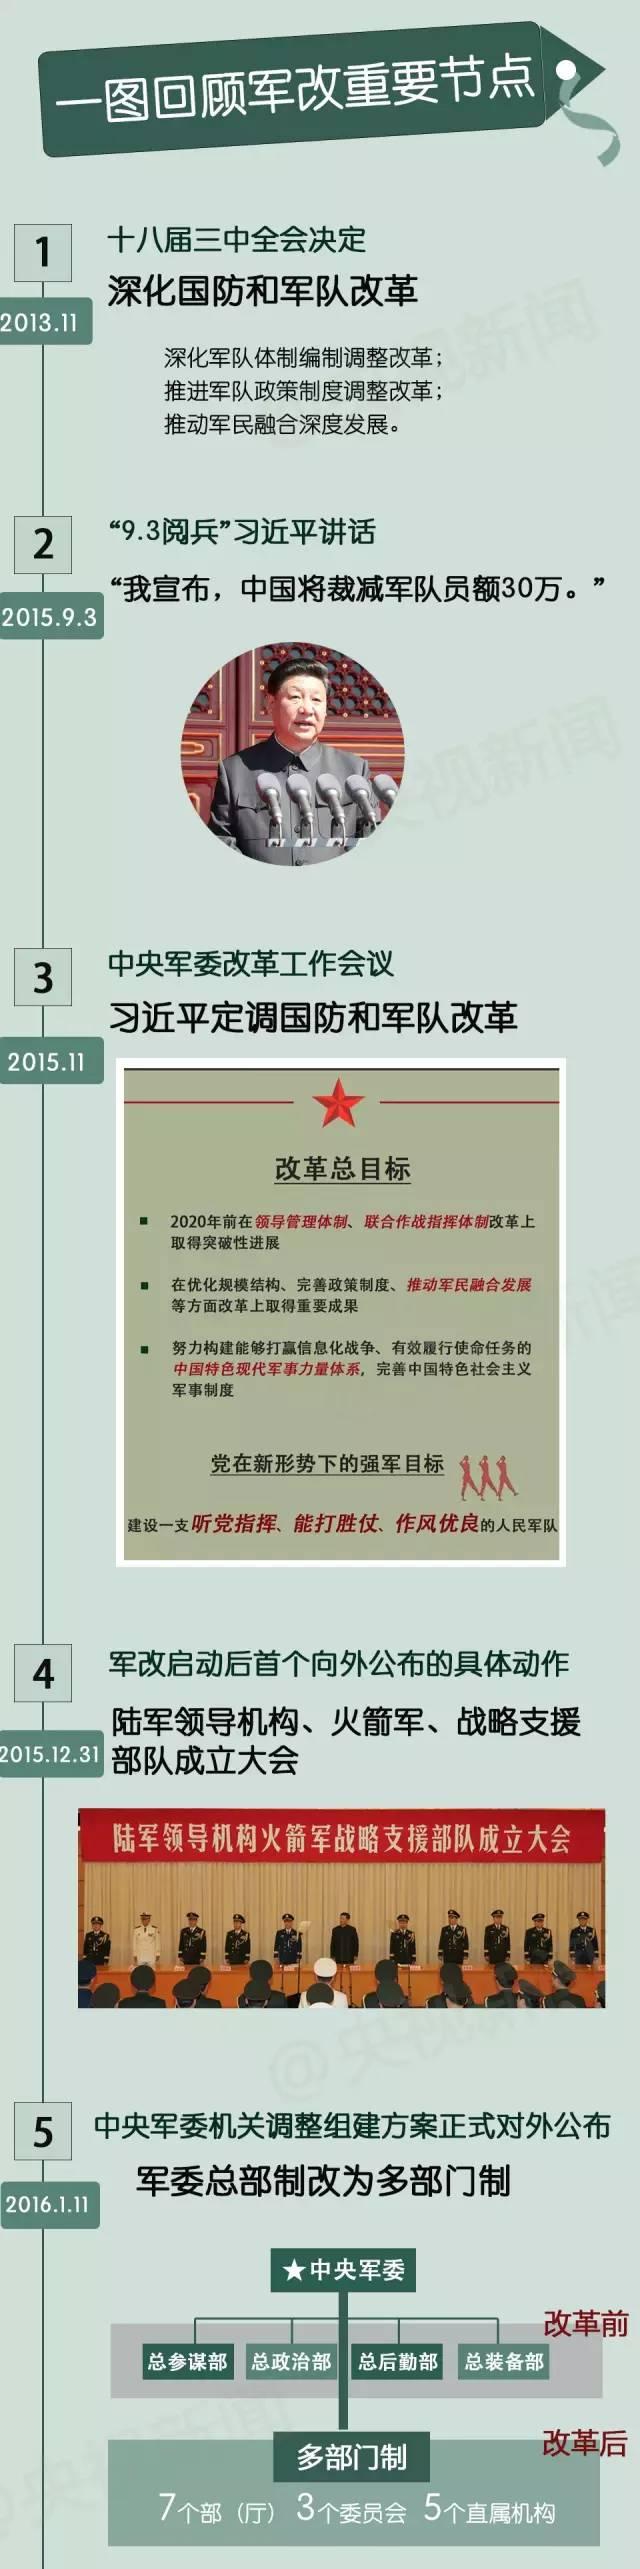 单家解读:习近平亲授旗 七雄师区调剂为五大战区 有何深意?